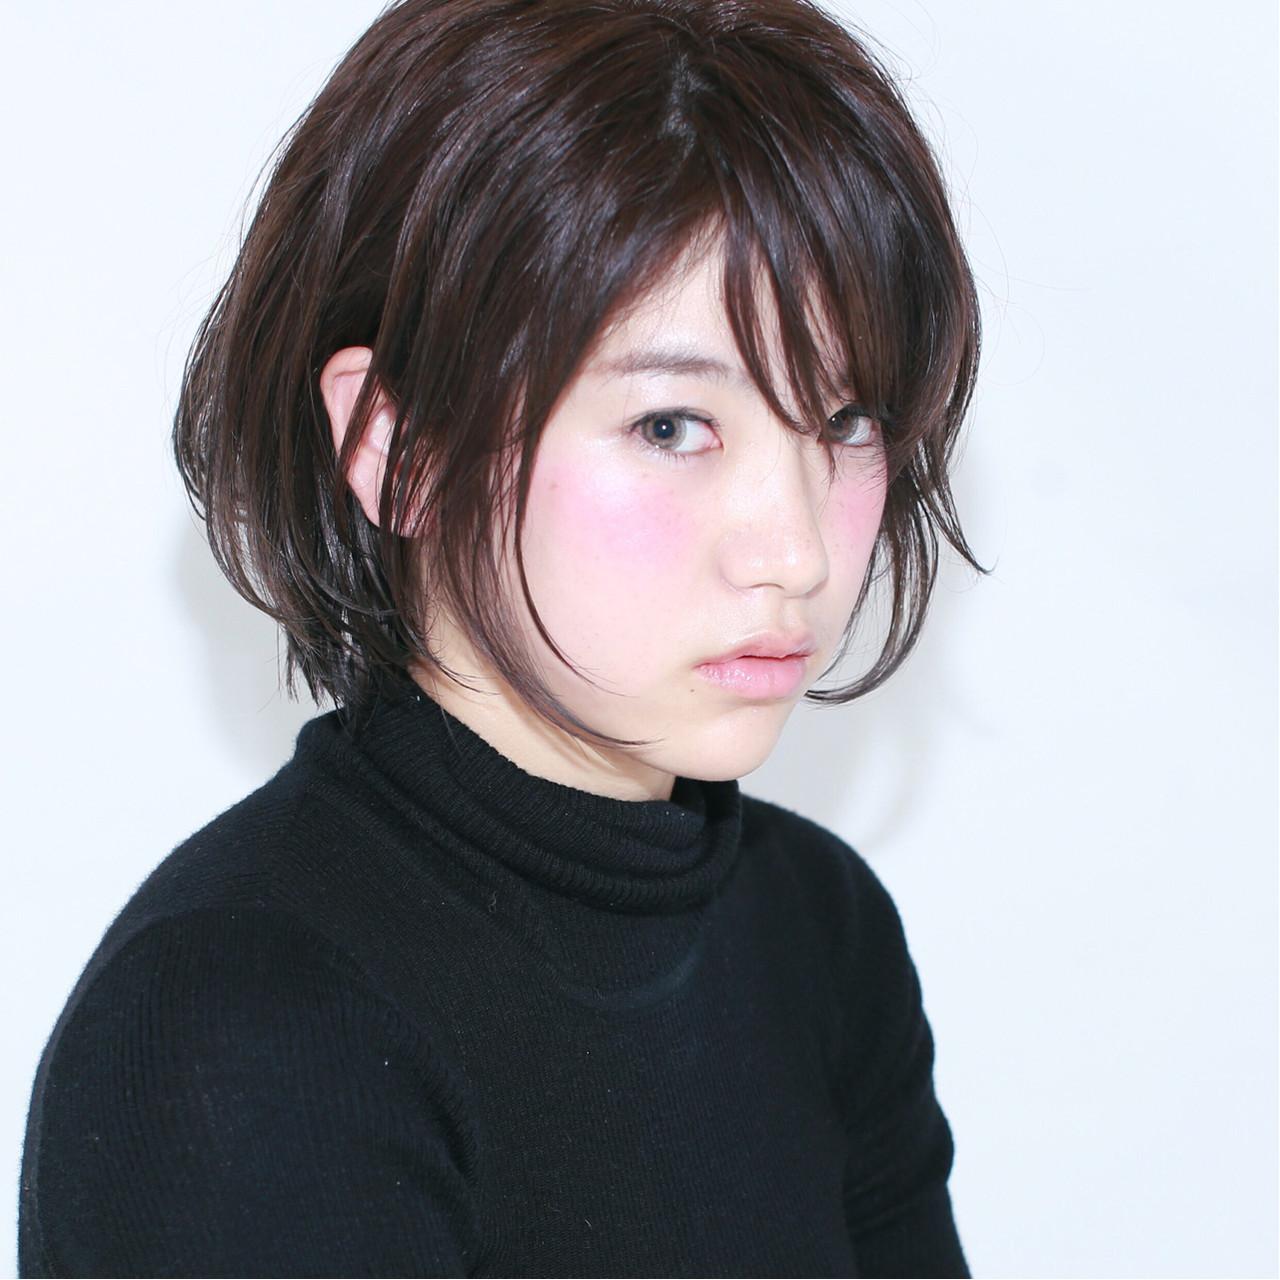 アッシュ ナチュラル ショートボブ 黒髪 ヘアスタイルや髪型の写真・画像 | イマムラ スナオ / LUKE